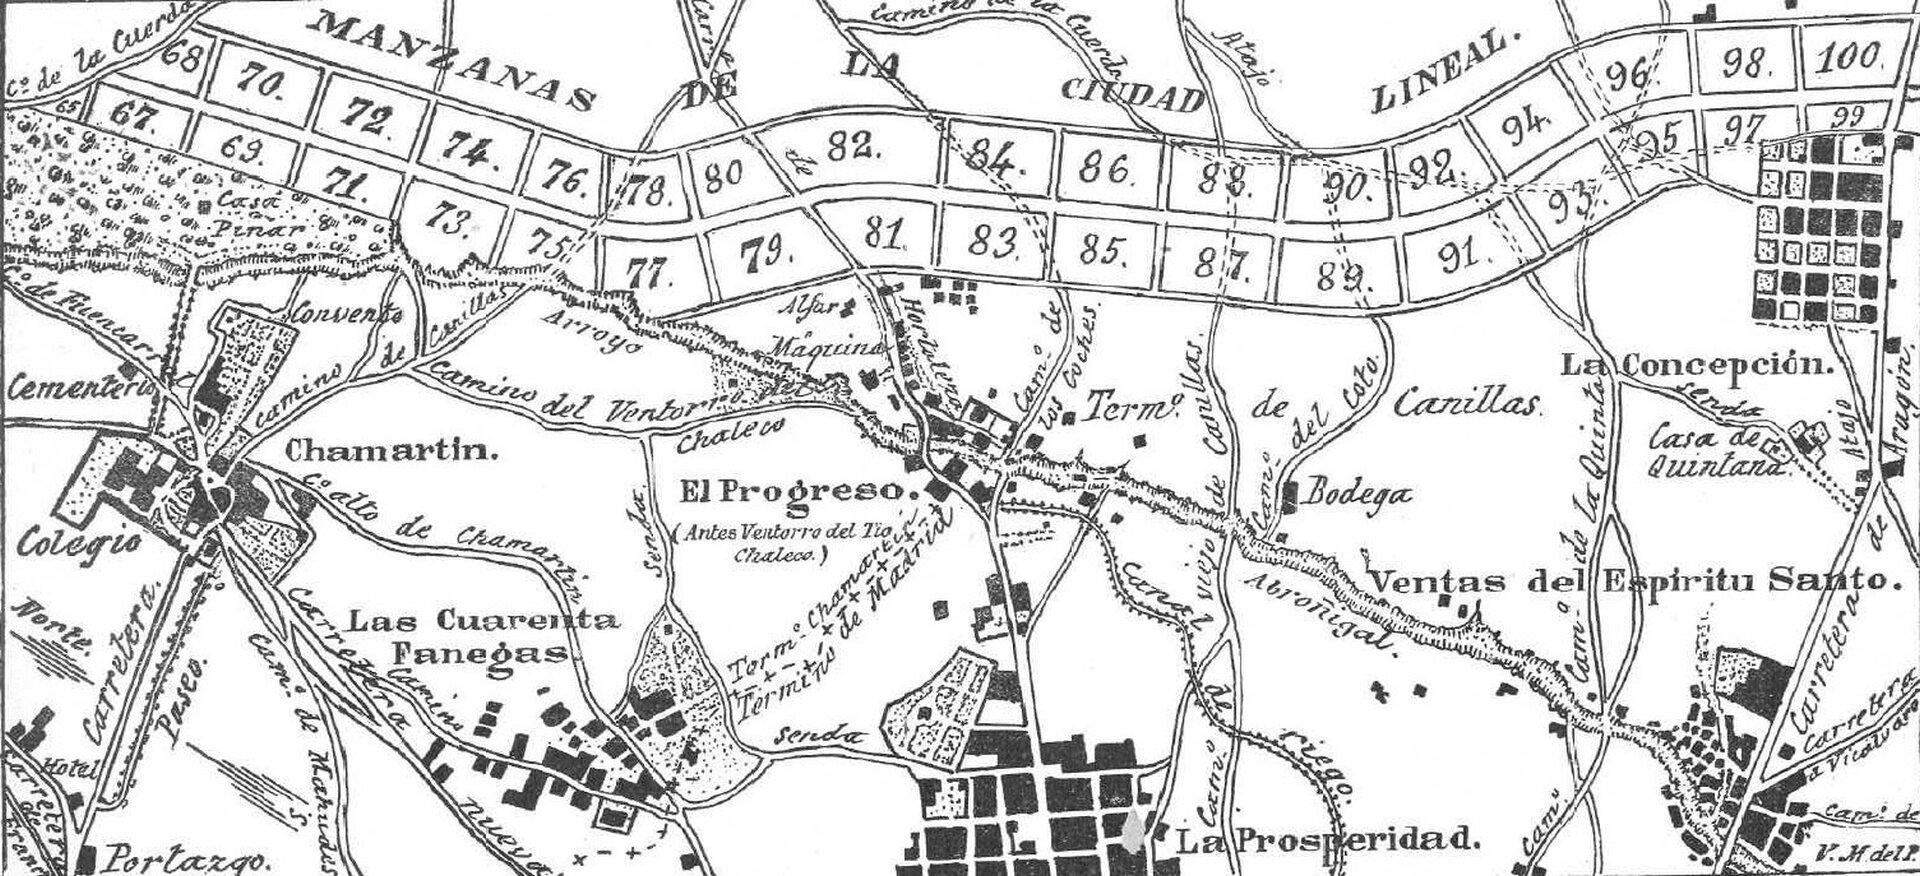 Ilustracja przedstawia liniowy plan miasta Madryt. Wgórnej części umieszczone są ponumerowane działki. Na mapie znajdują się podpisy ważnych miejsc miasta oraz zaznaczona jest główna ulica łącząca najważniejsze części miasta.